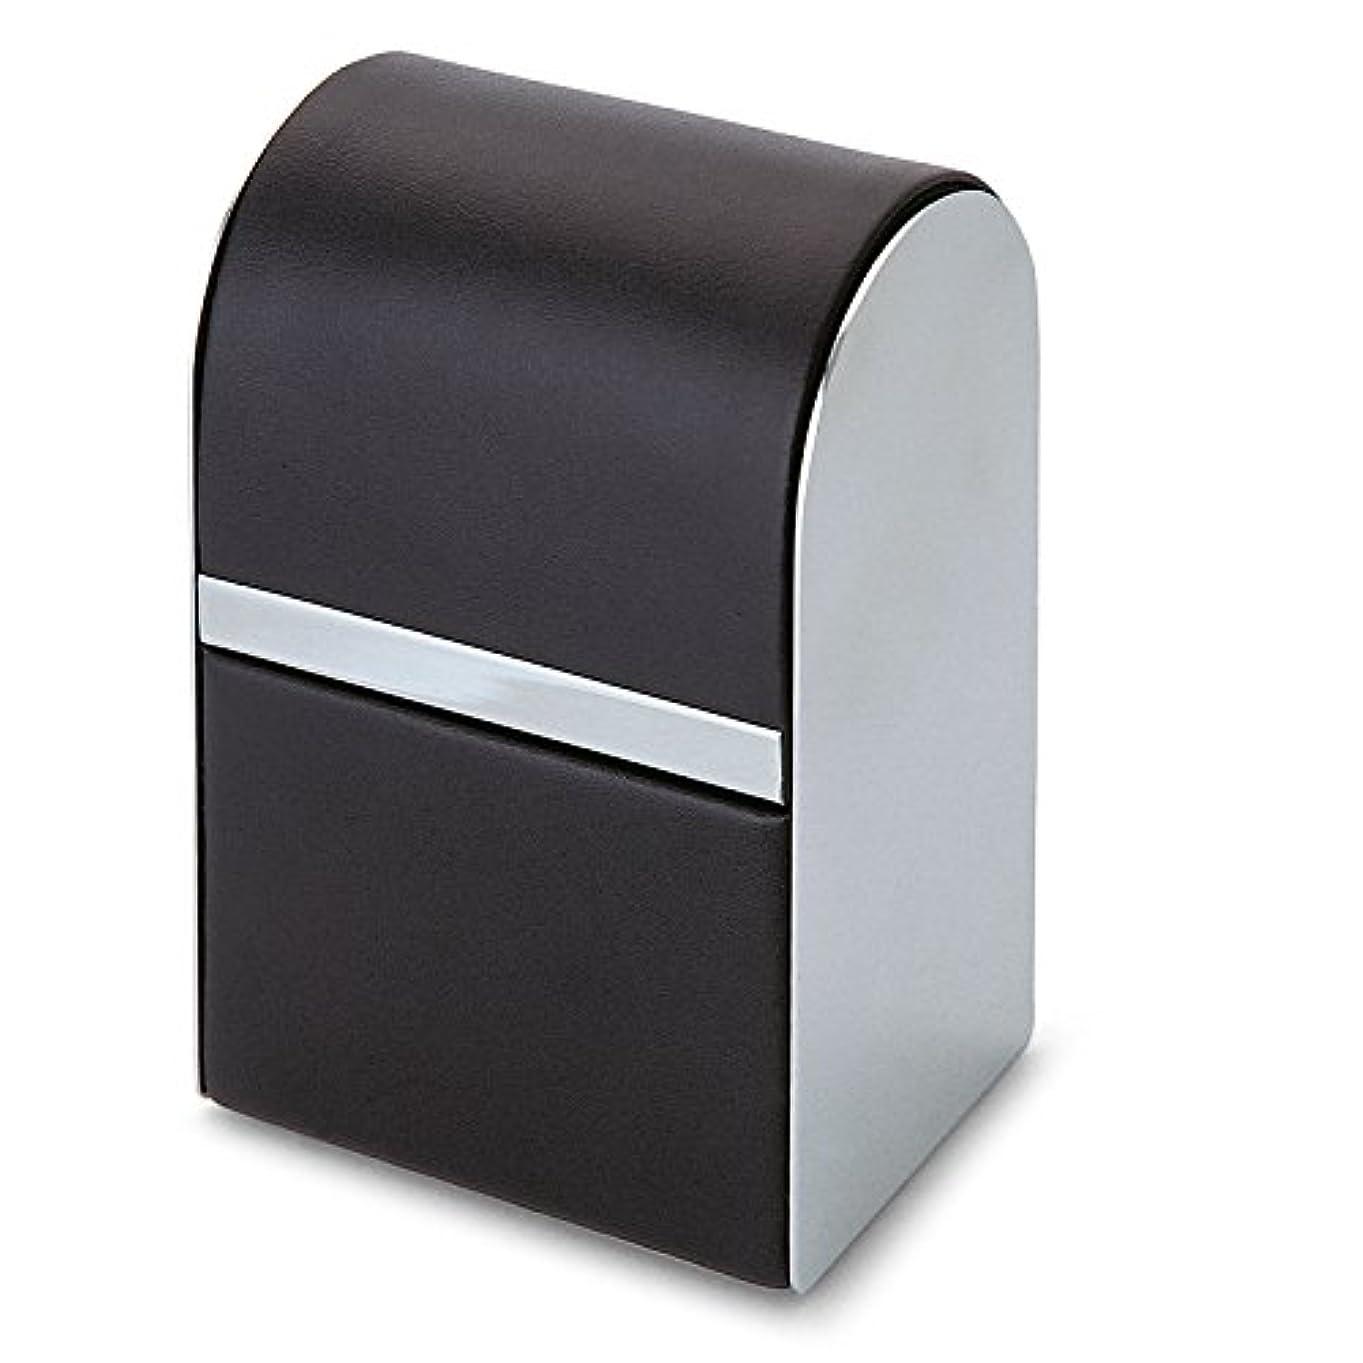 スケート正統派講義Philippi Giorgio メンズ身だしなみキット 7pcsセット leather stainless polished